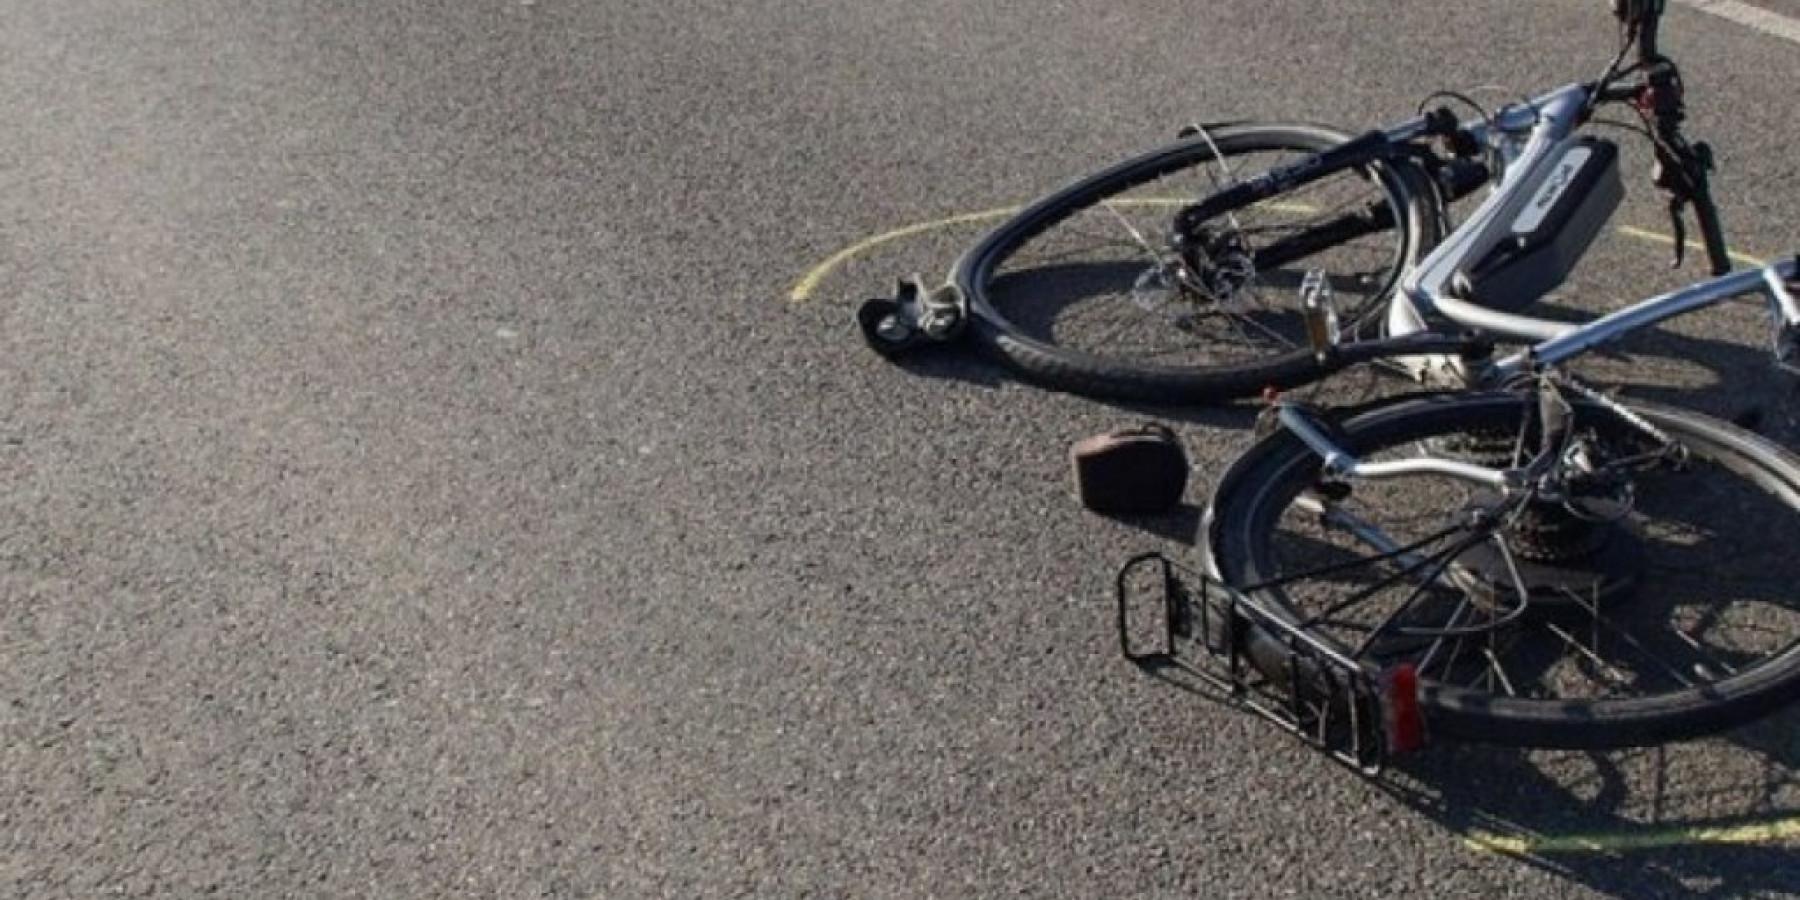 78-jährige Radfahrerin stürzt – Verursacherin flüchtet